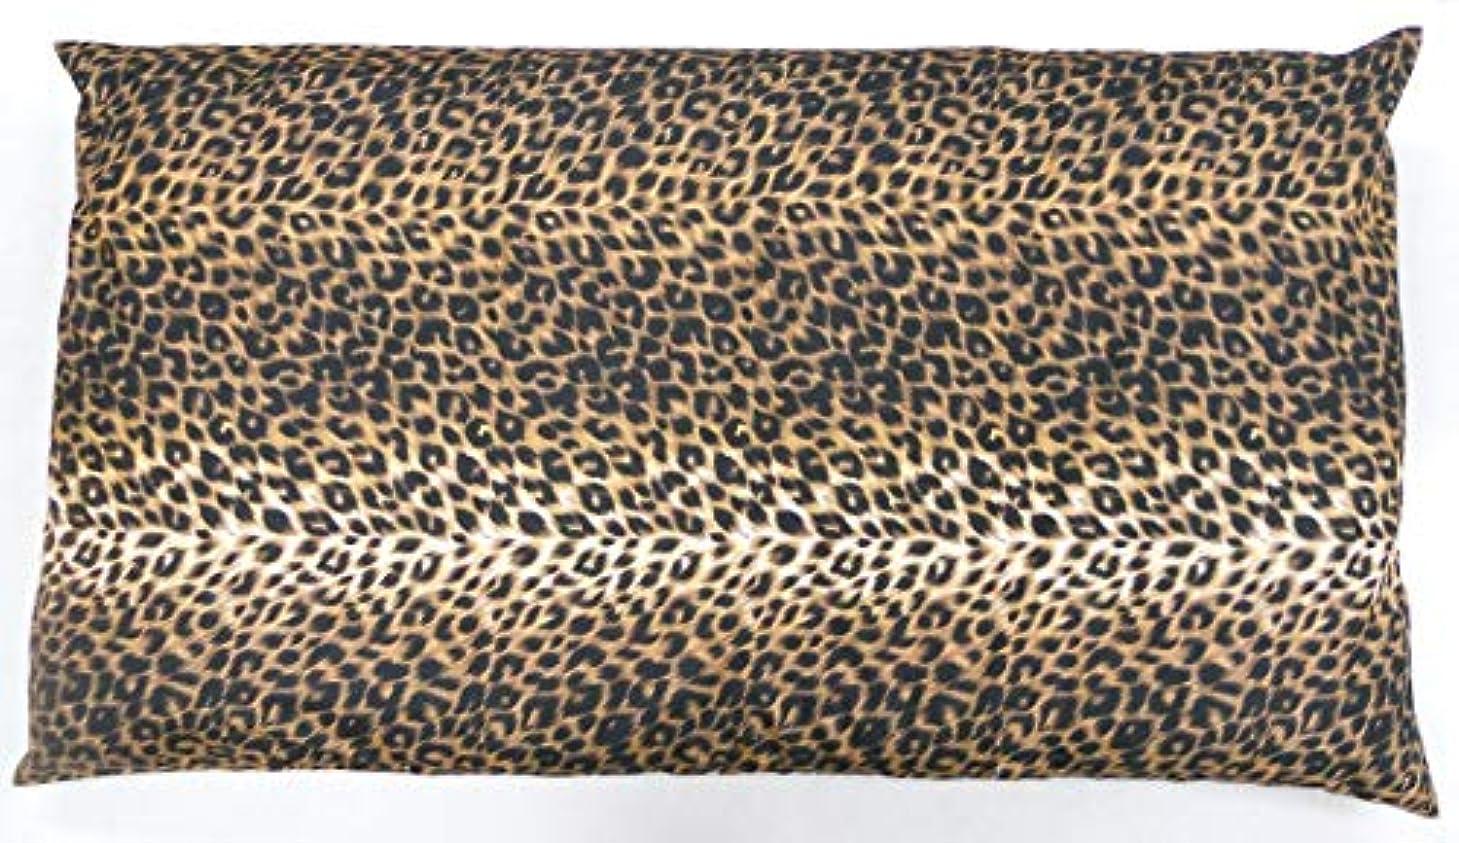 曖昧な心のこもったオセアニアJOYDREAM 長座布団カバー 68 120 cm ヒョウ柄 ブラウン 日本製 68x120